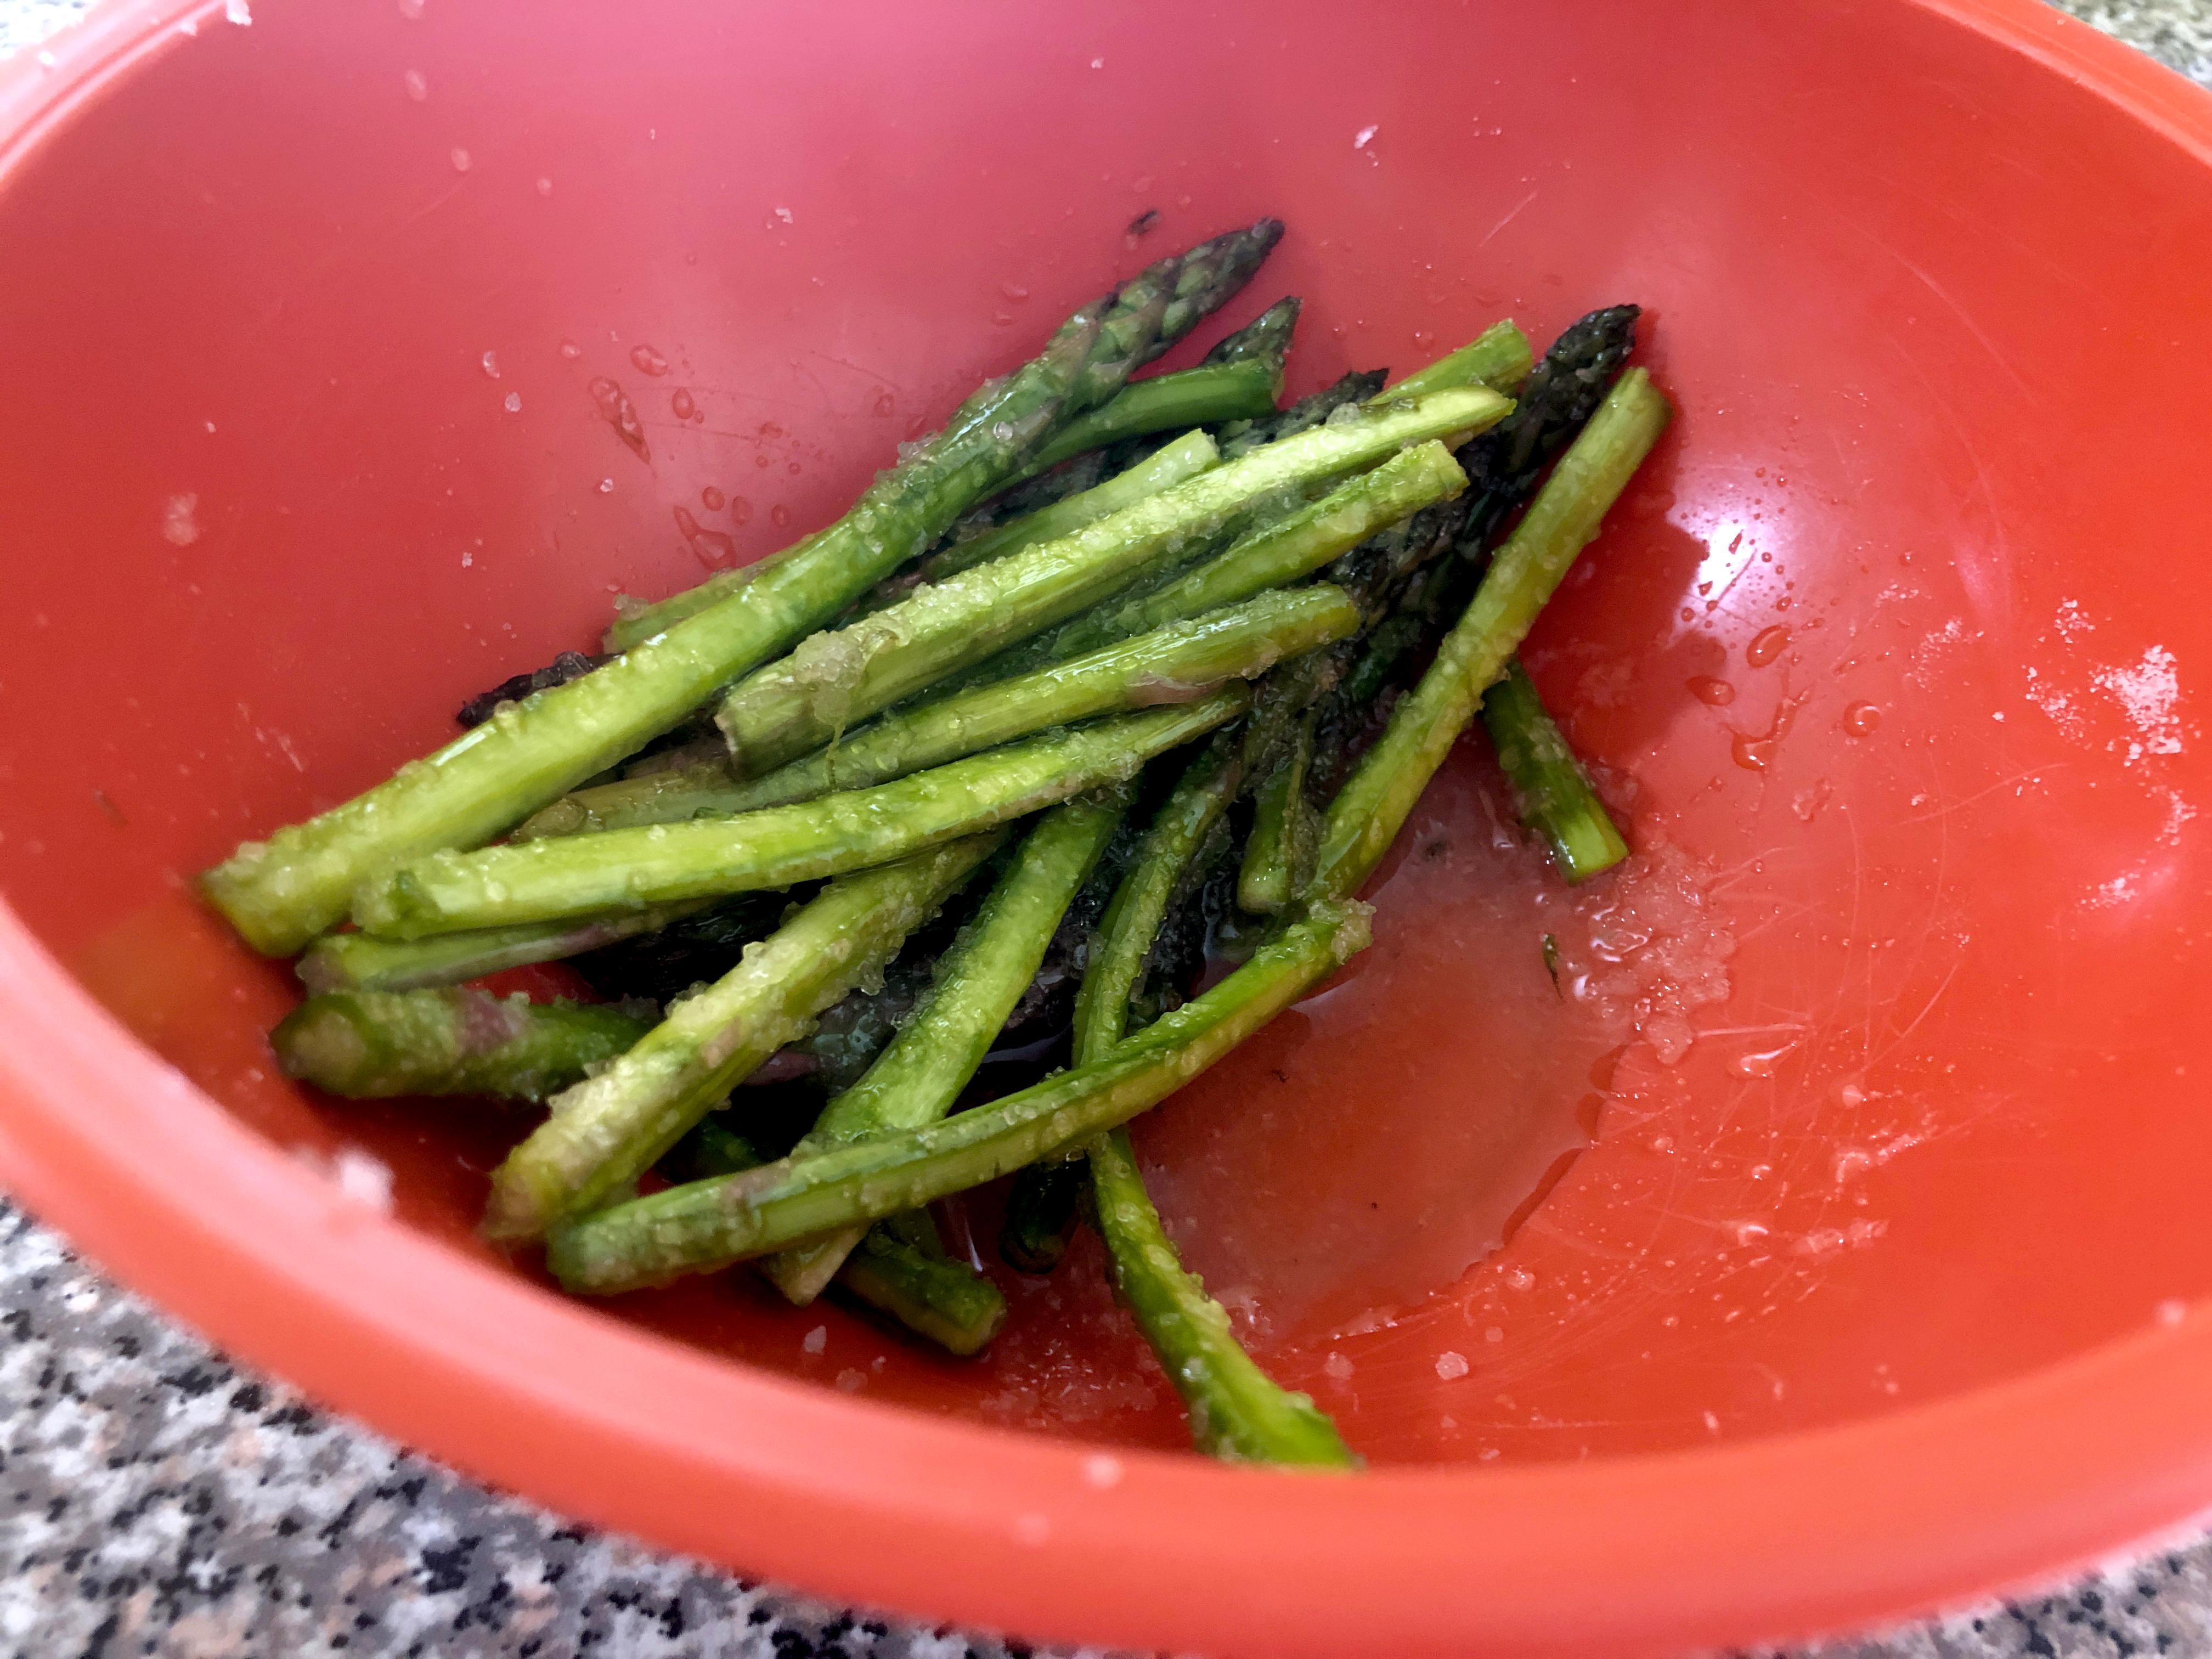 cured asparagus